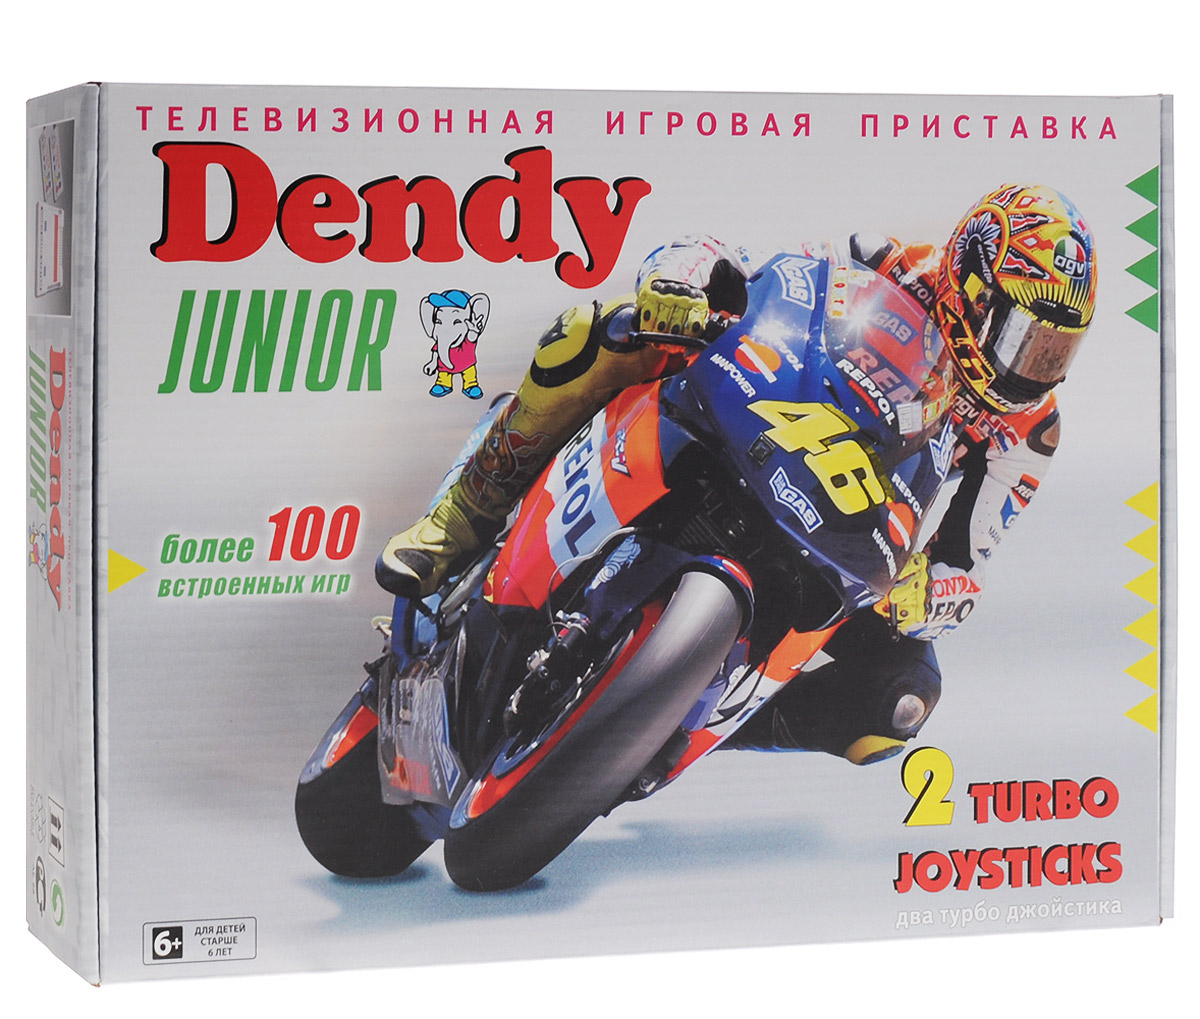 Игровая приставка Dendy Junior (8 bit) игровая приставка dendy junior 8 bit